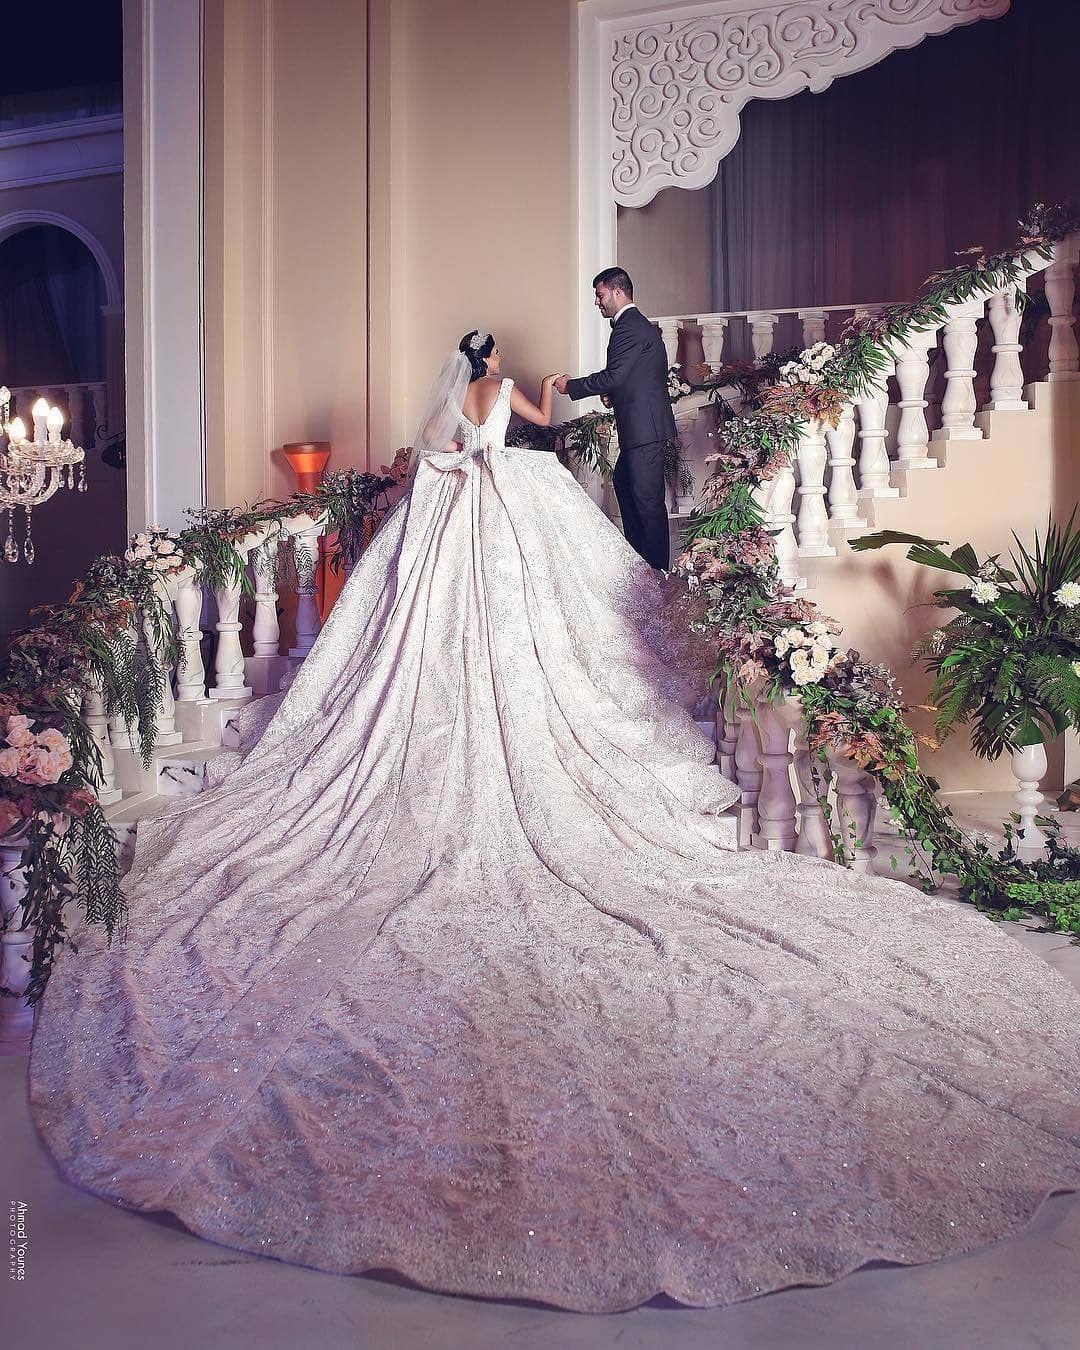 самые дорогие и красивые свадебные платья фото солдатами найдены